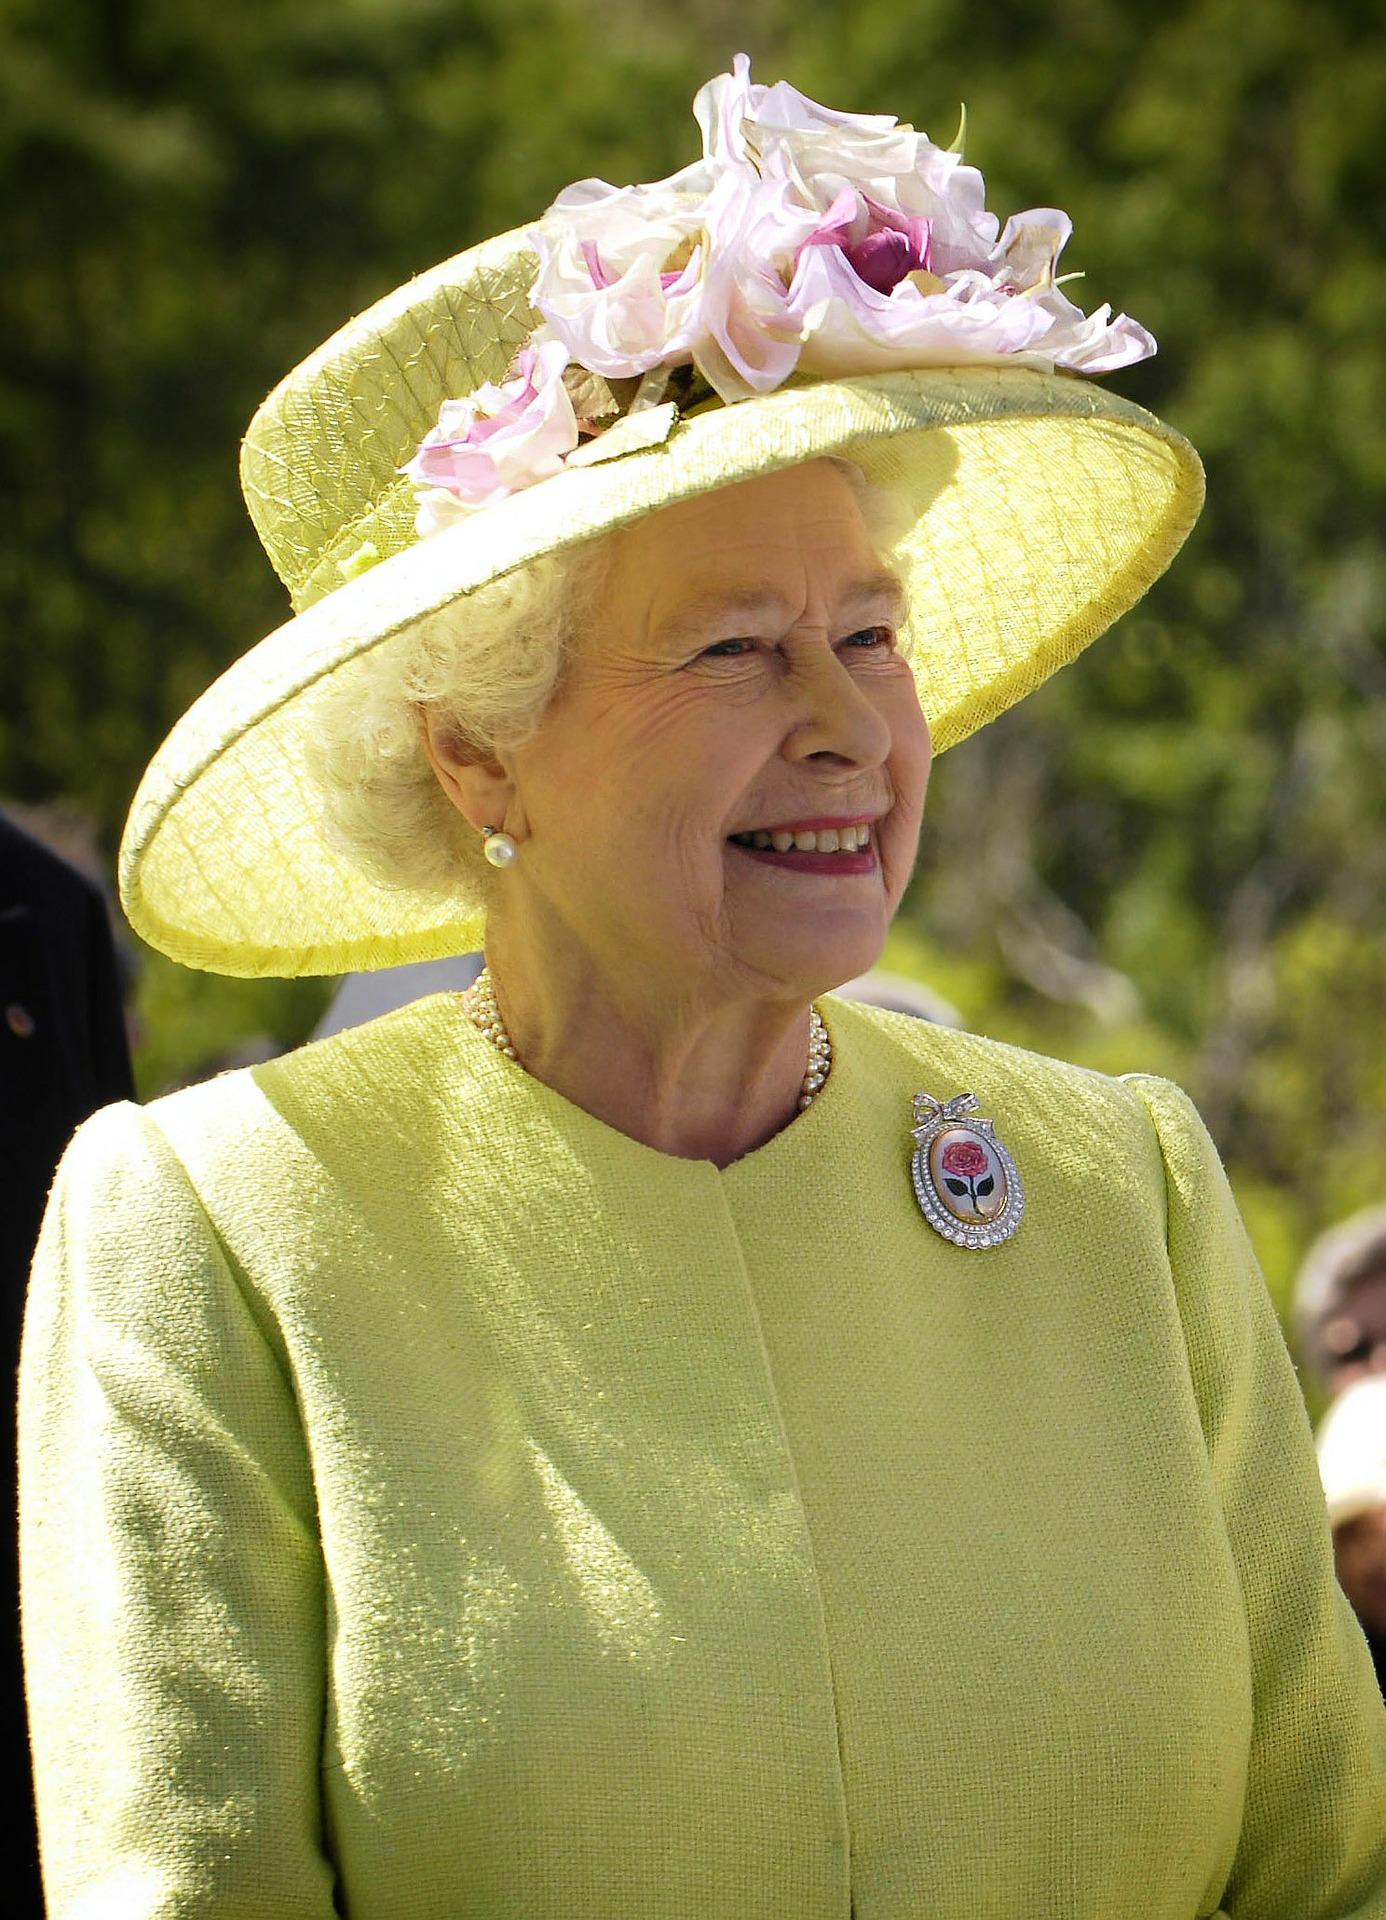 Kraljica traži osobu da joj stavlja fotografije na Instagram: Plaća 266 tisuća kuna!